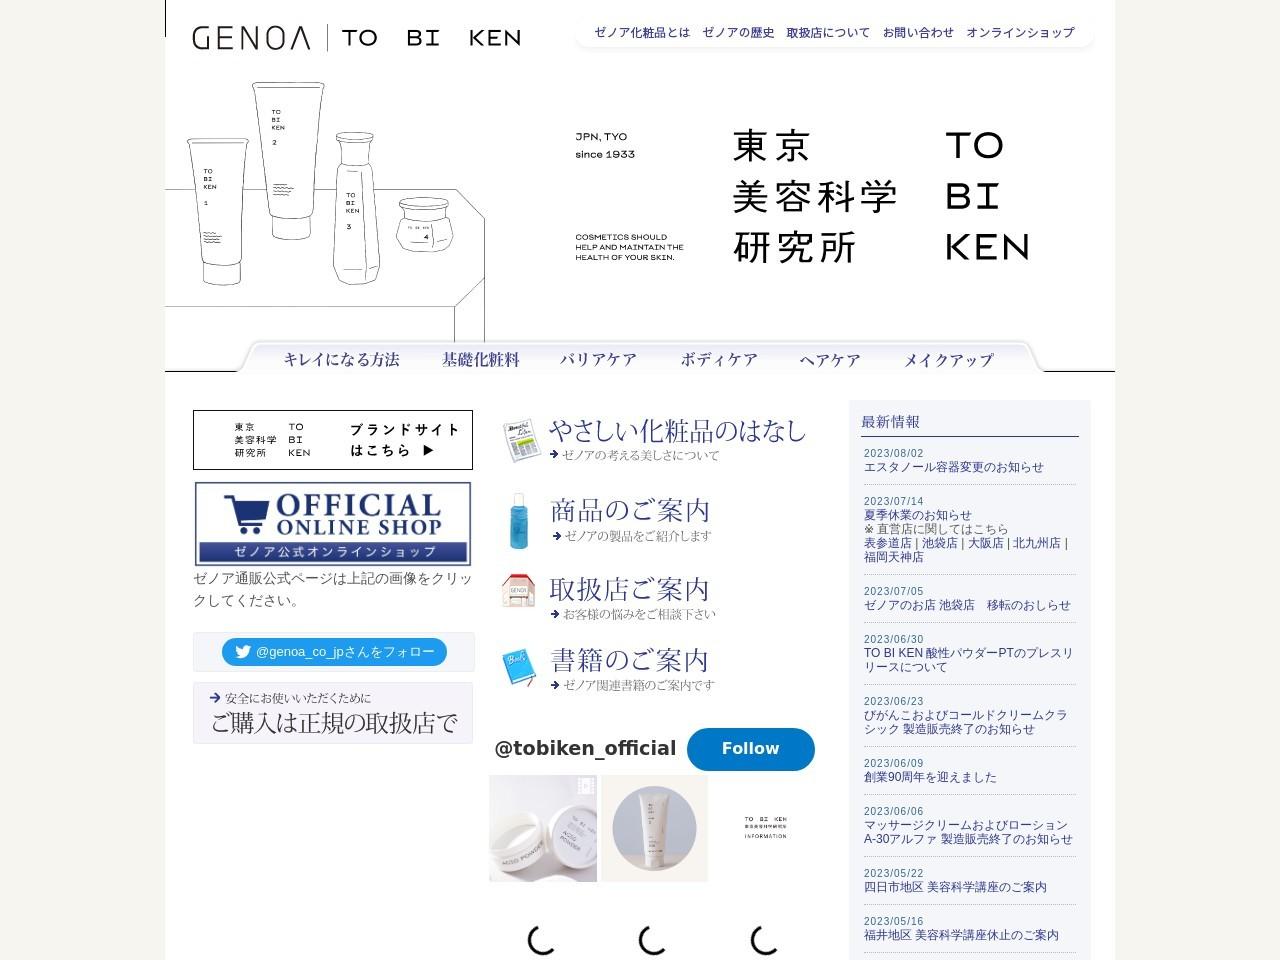 ホームページ 通販サイト | GENOA-ゼノア化粧料本舗-